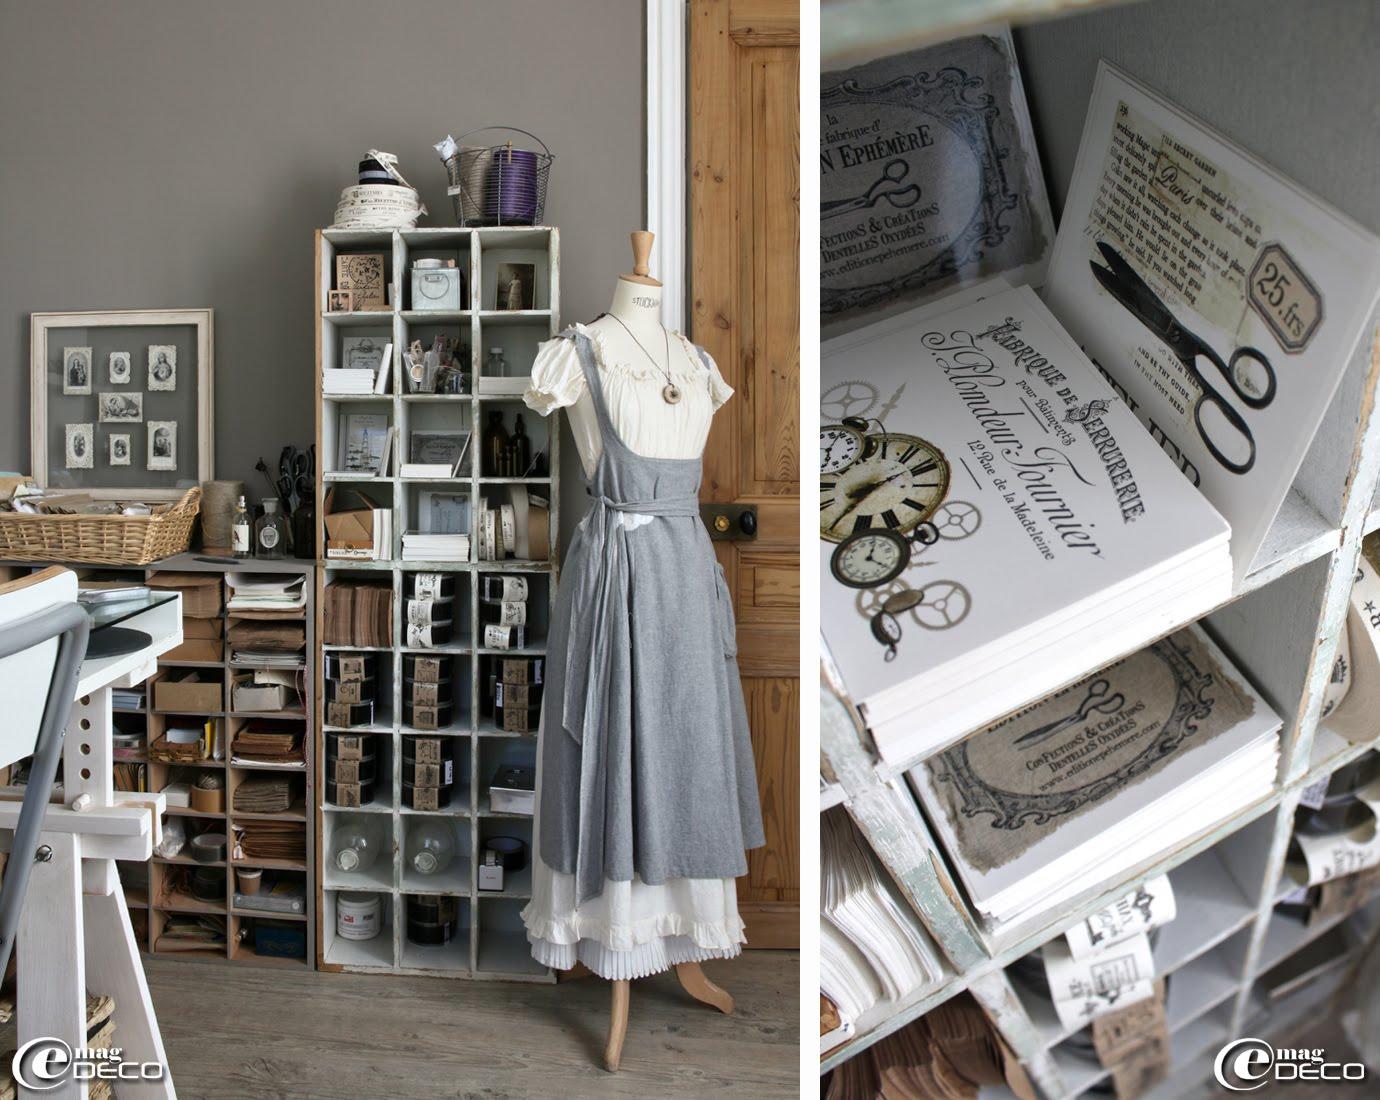 Aurélia Ducrocq du blog 'dentelles Oxydées...' range ses fournitures dans des casiers en bois chinés au côté d'un buste Stockman